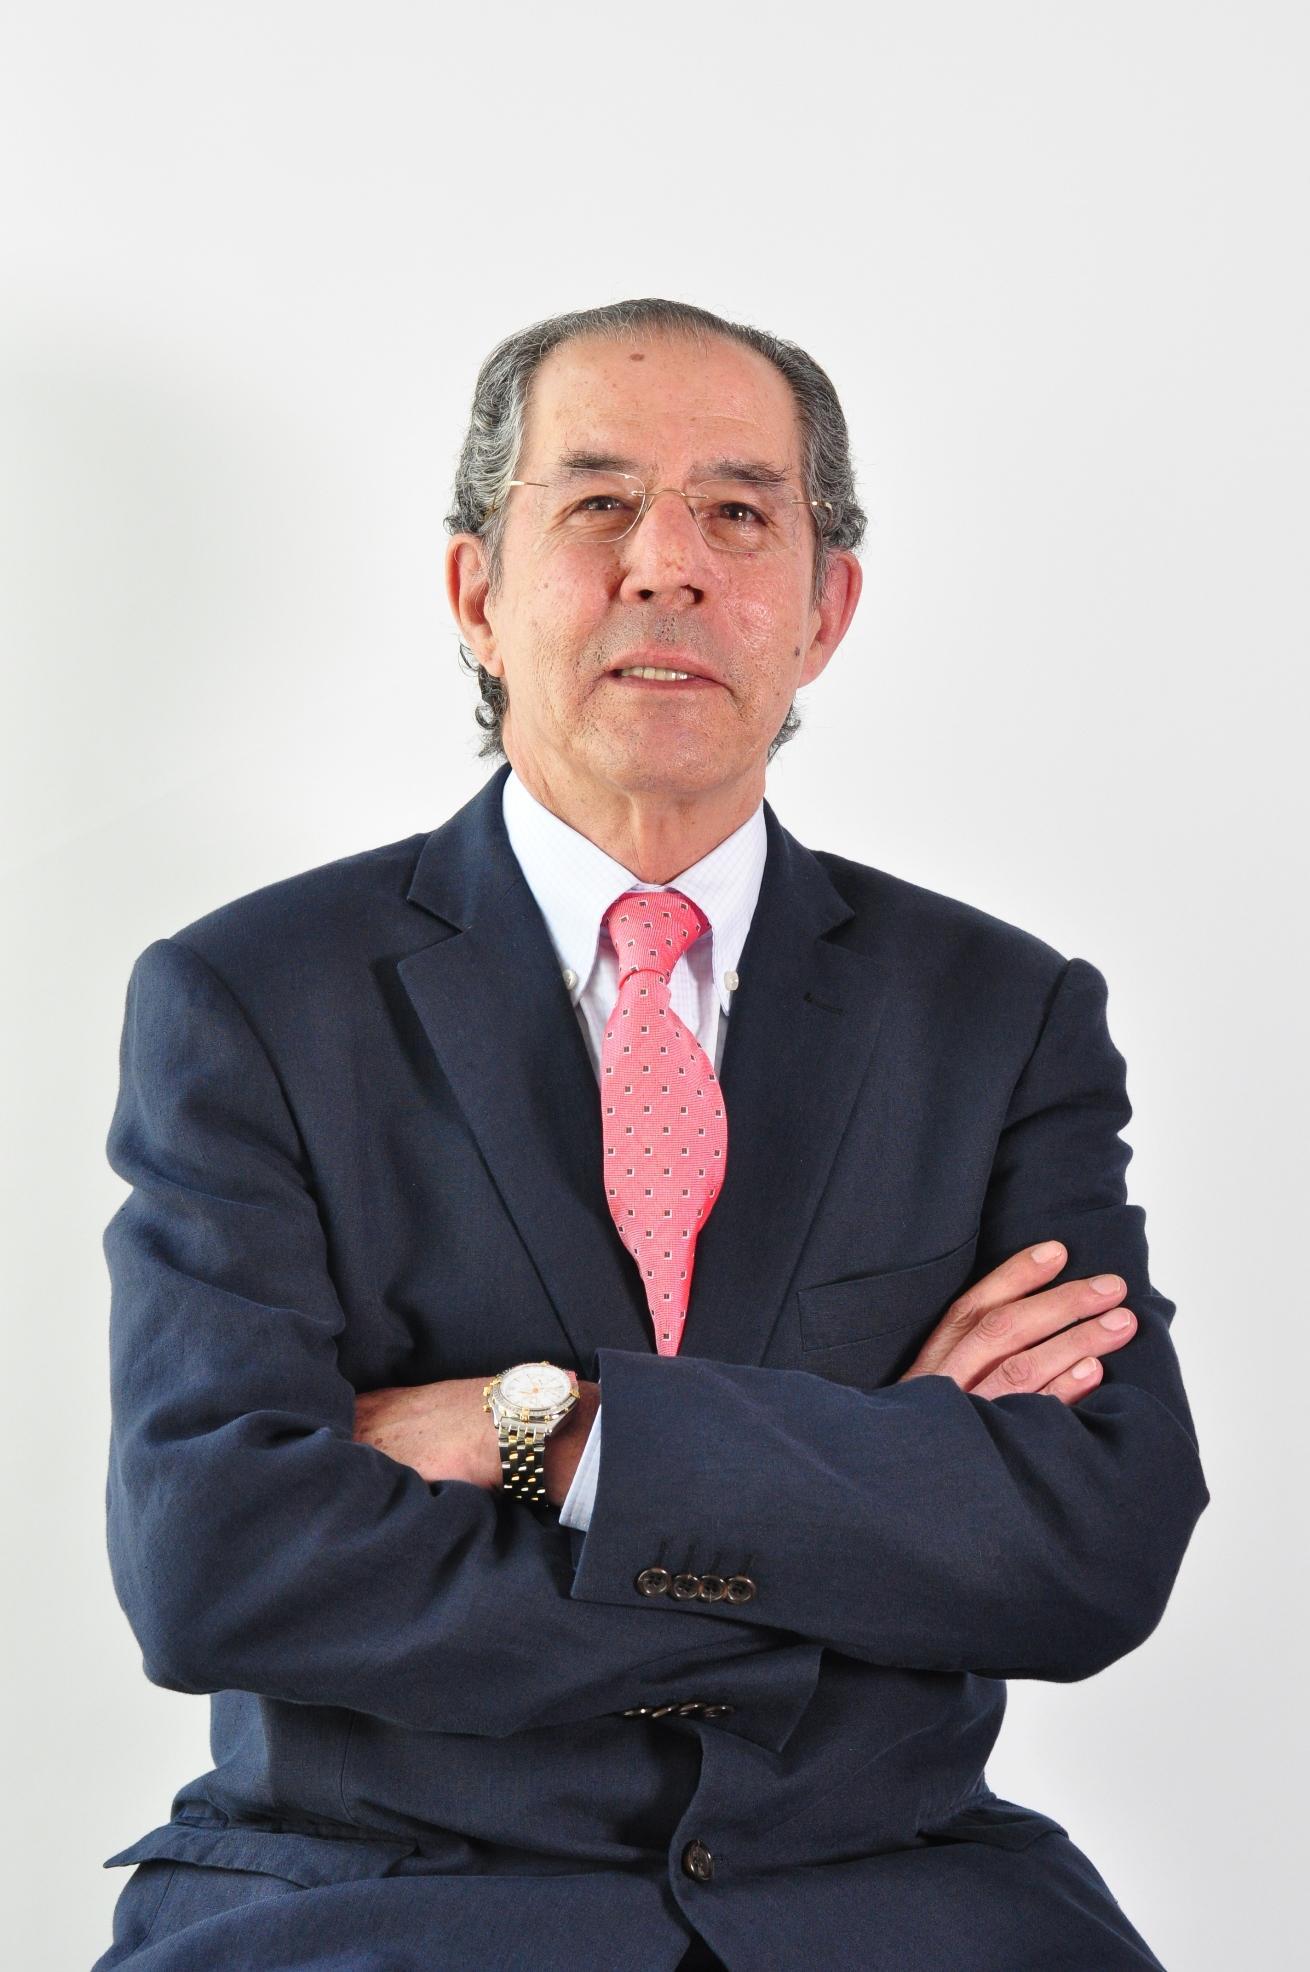 Fernando Rodríguez de Miguel y Ramos